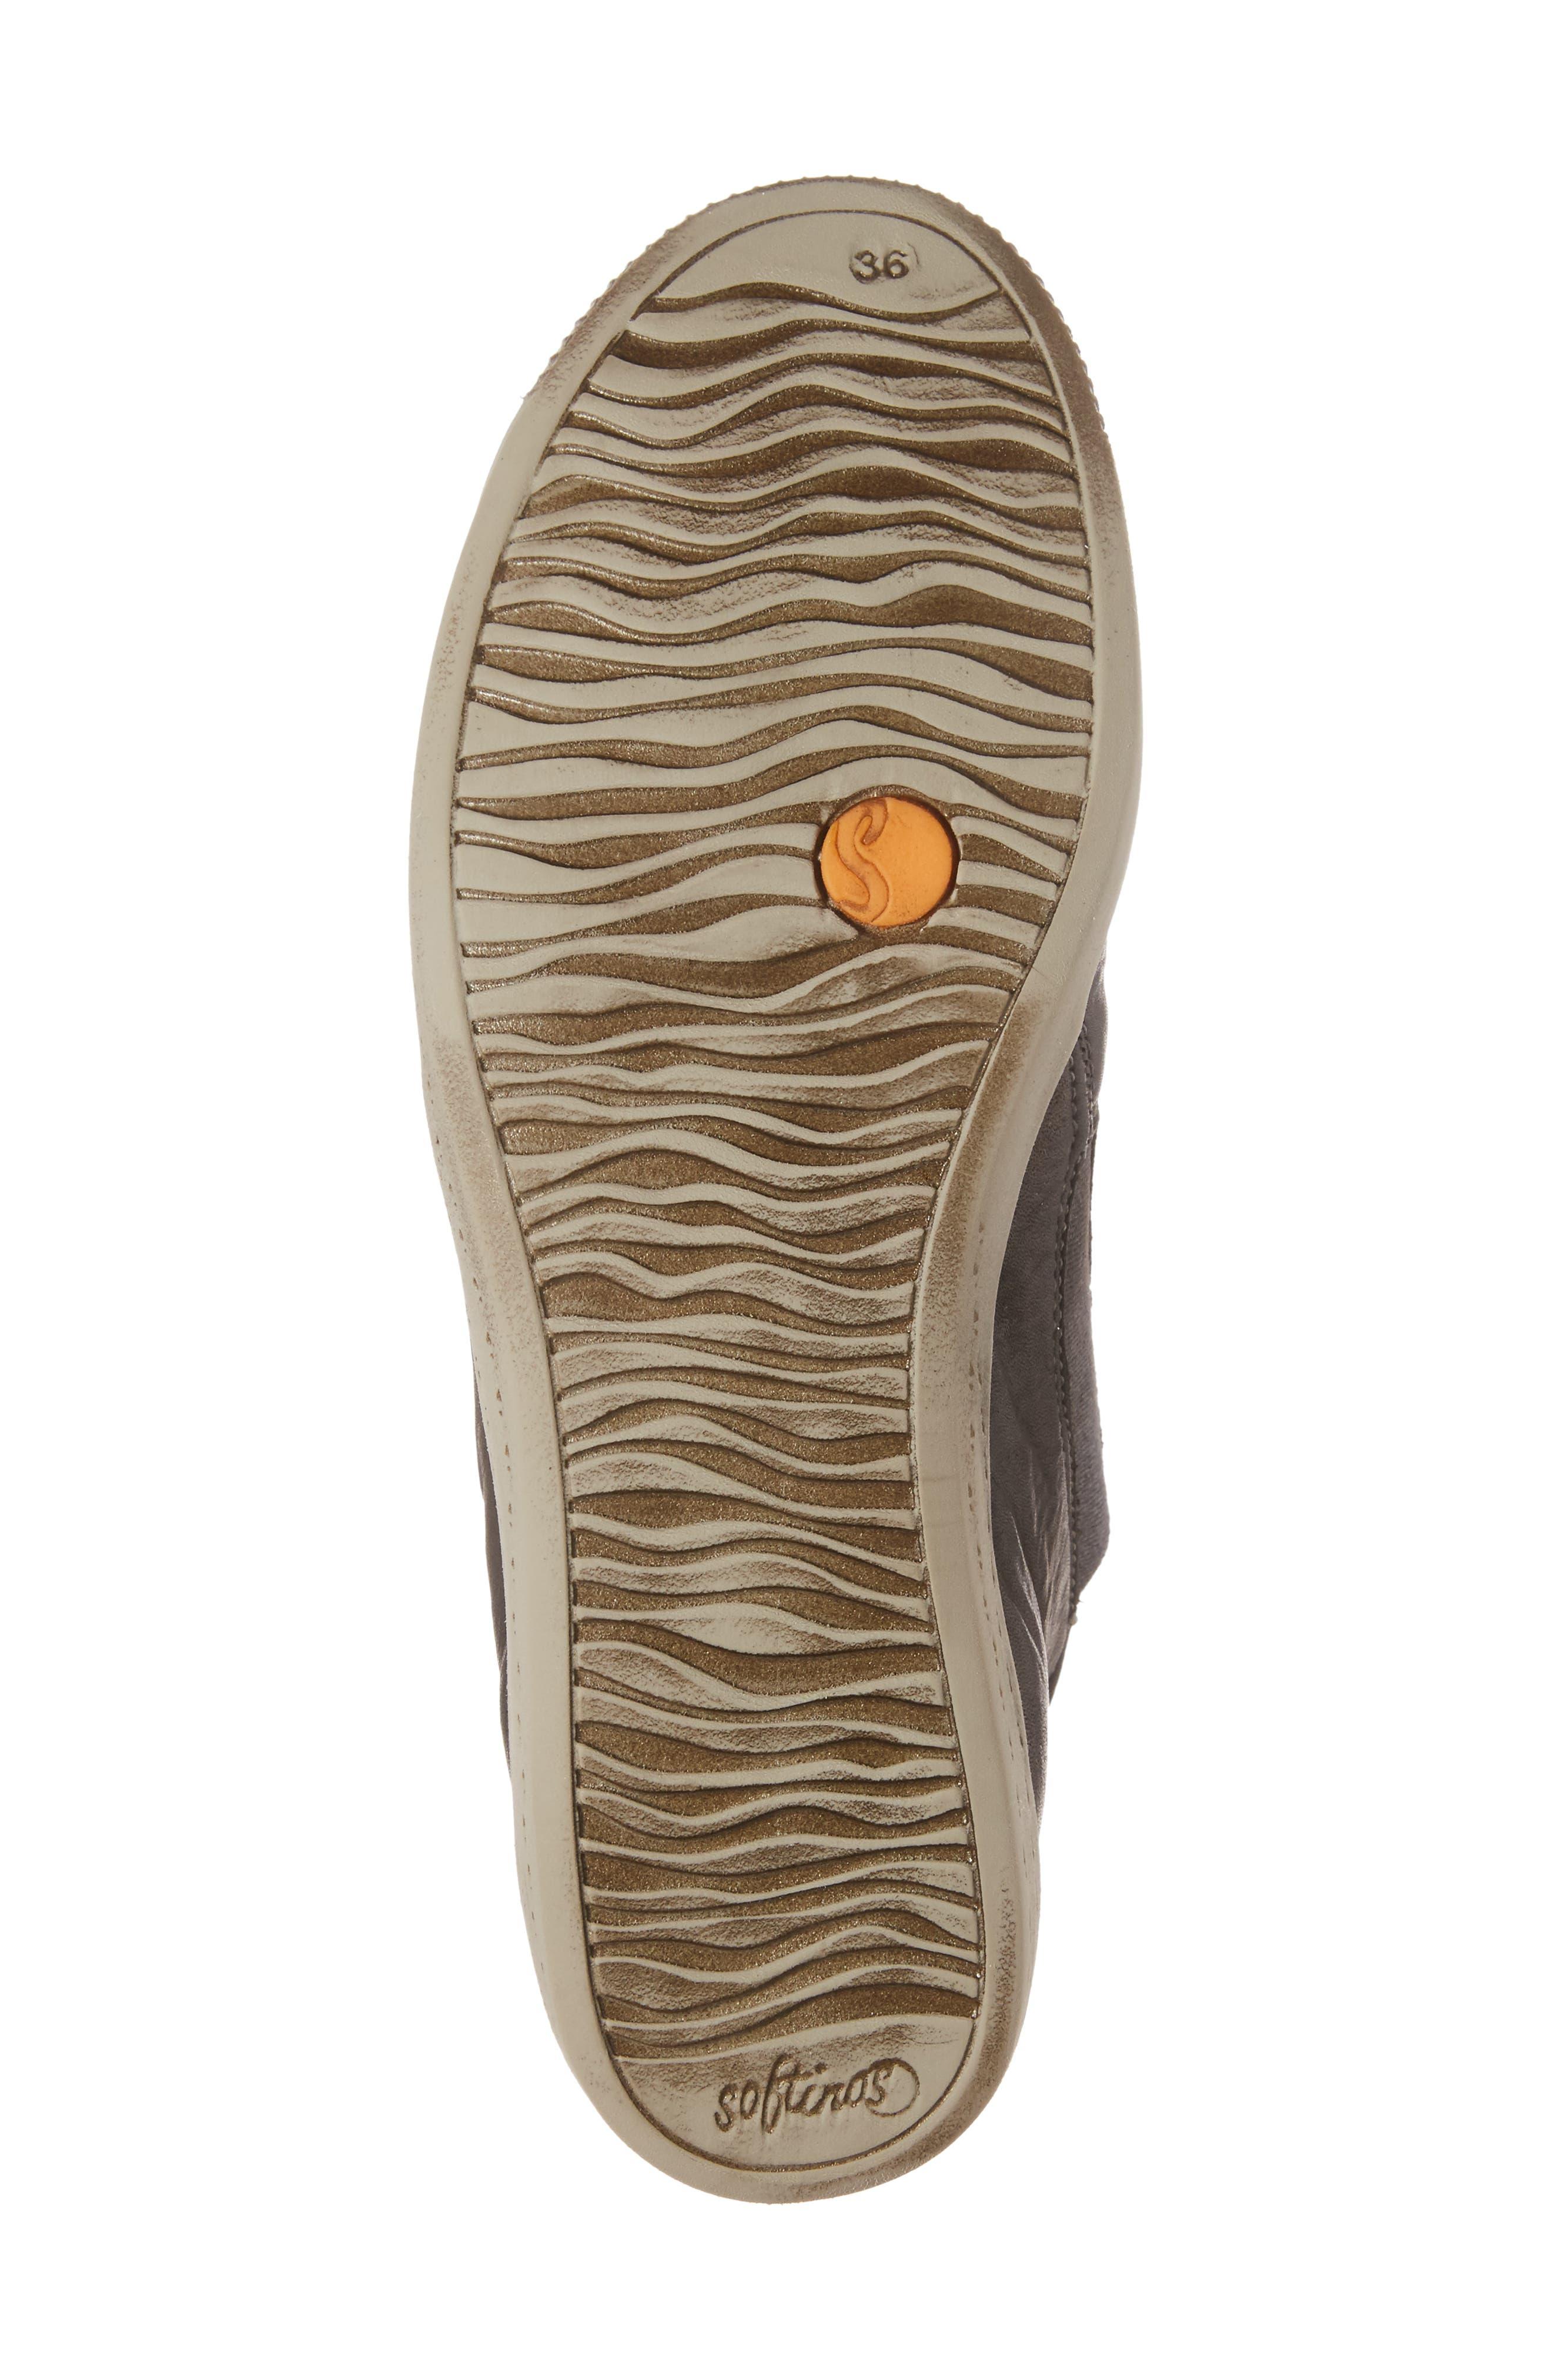 Inge Slip-On Sneaker,                             Alternate thumbnail 6, color,                             Military Leather